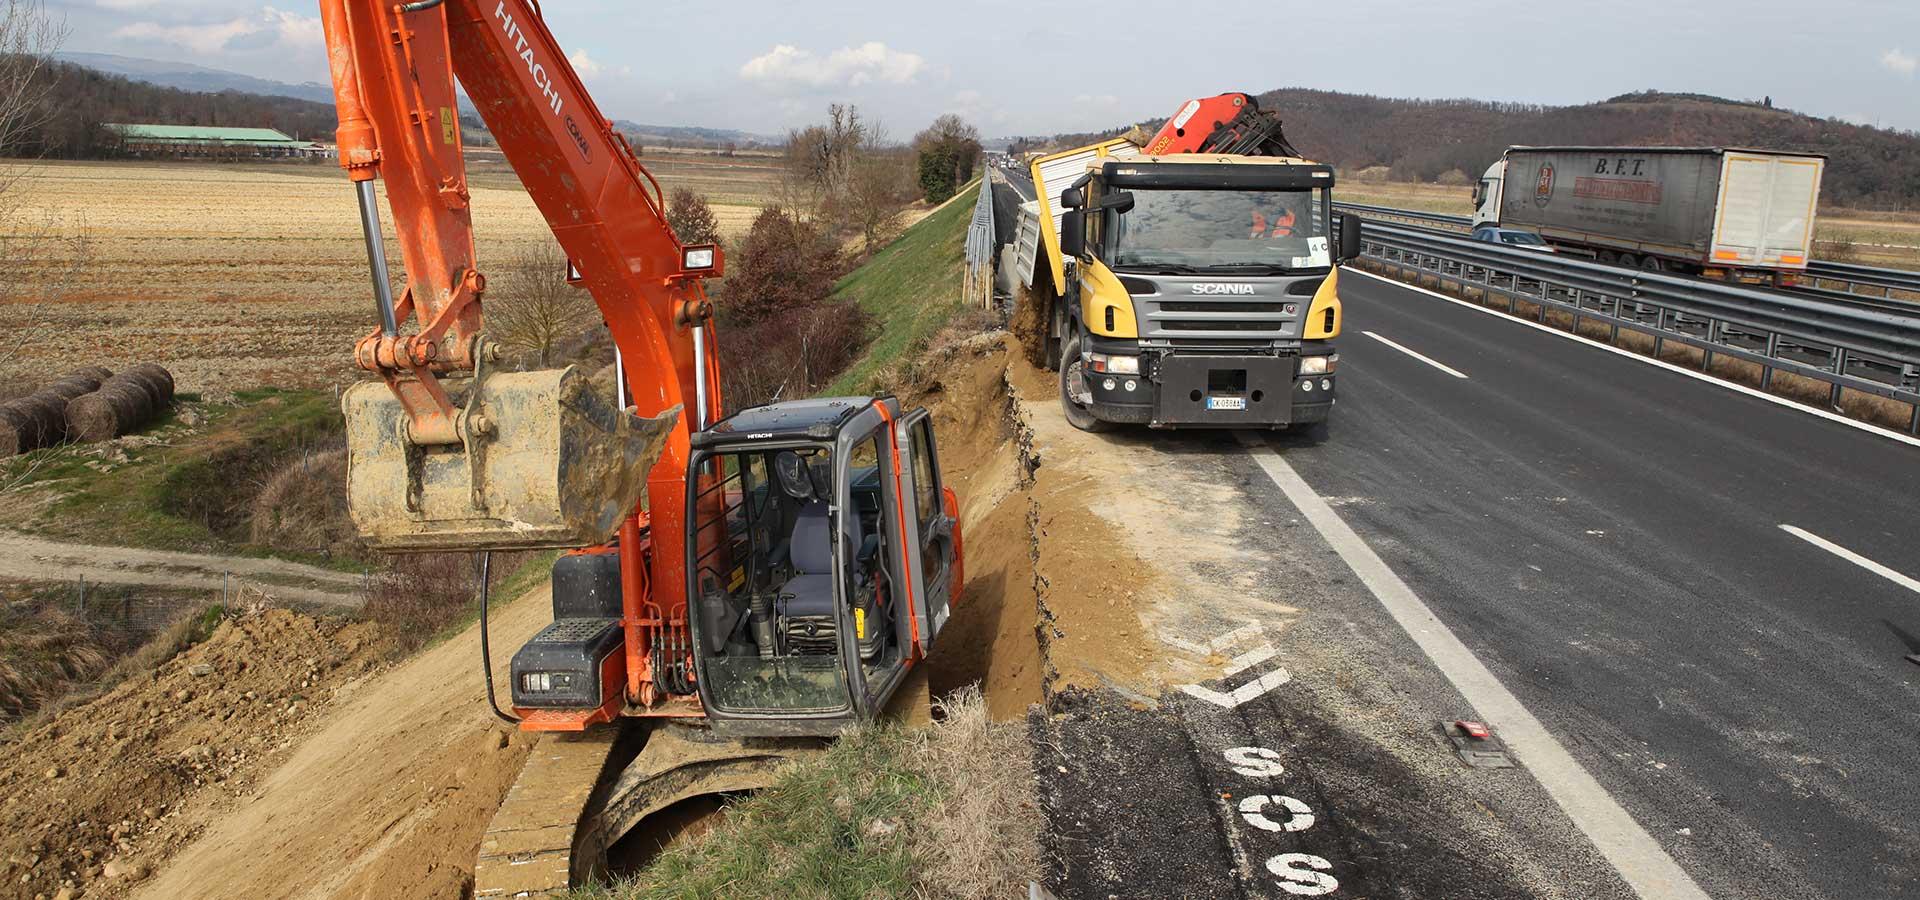 Lavori stradali e produzione di conglomerato bituminoso